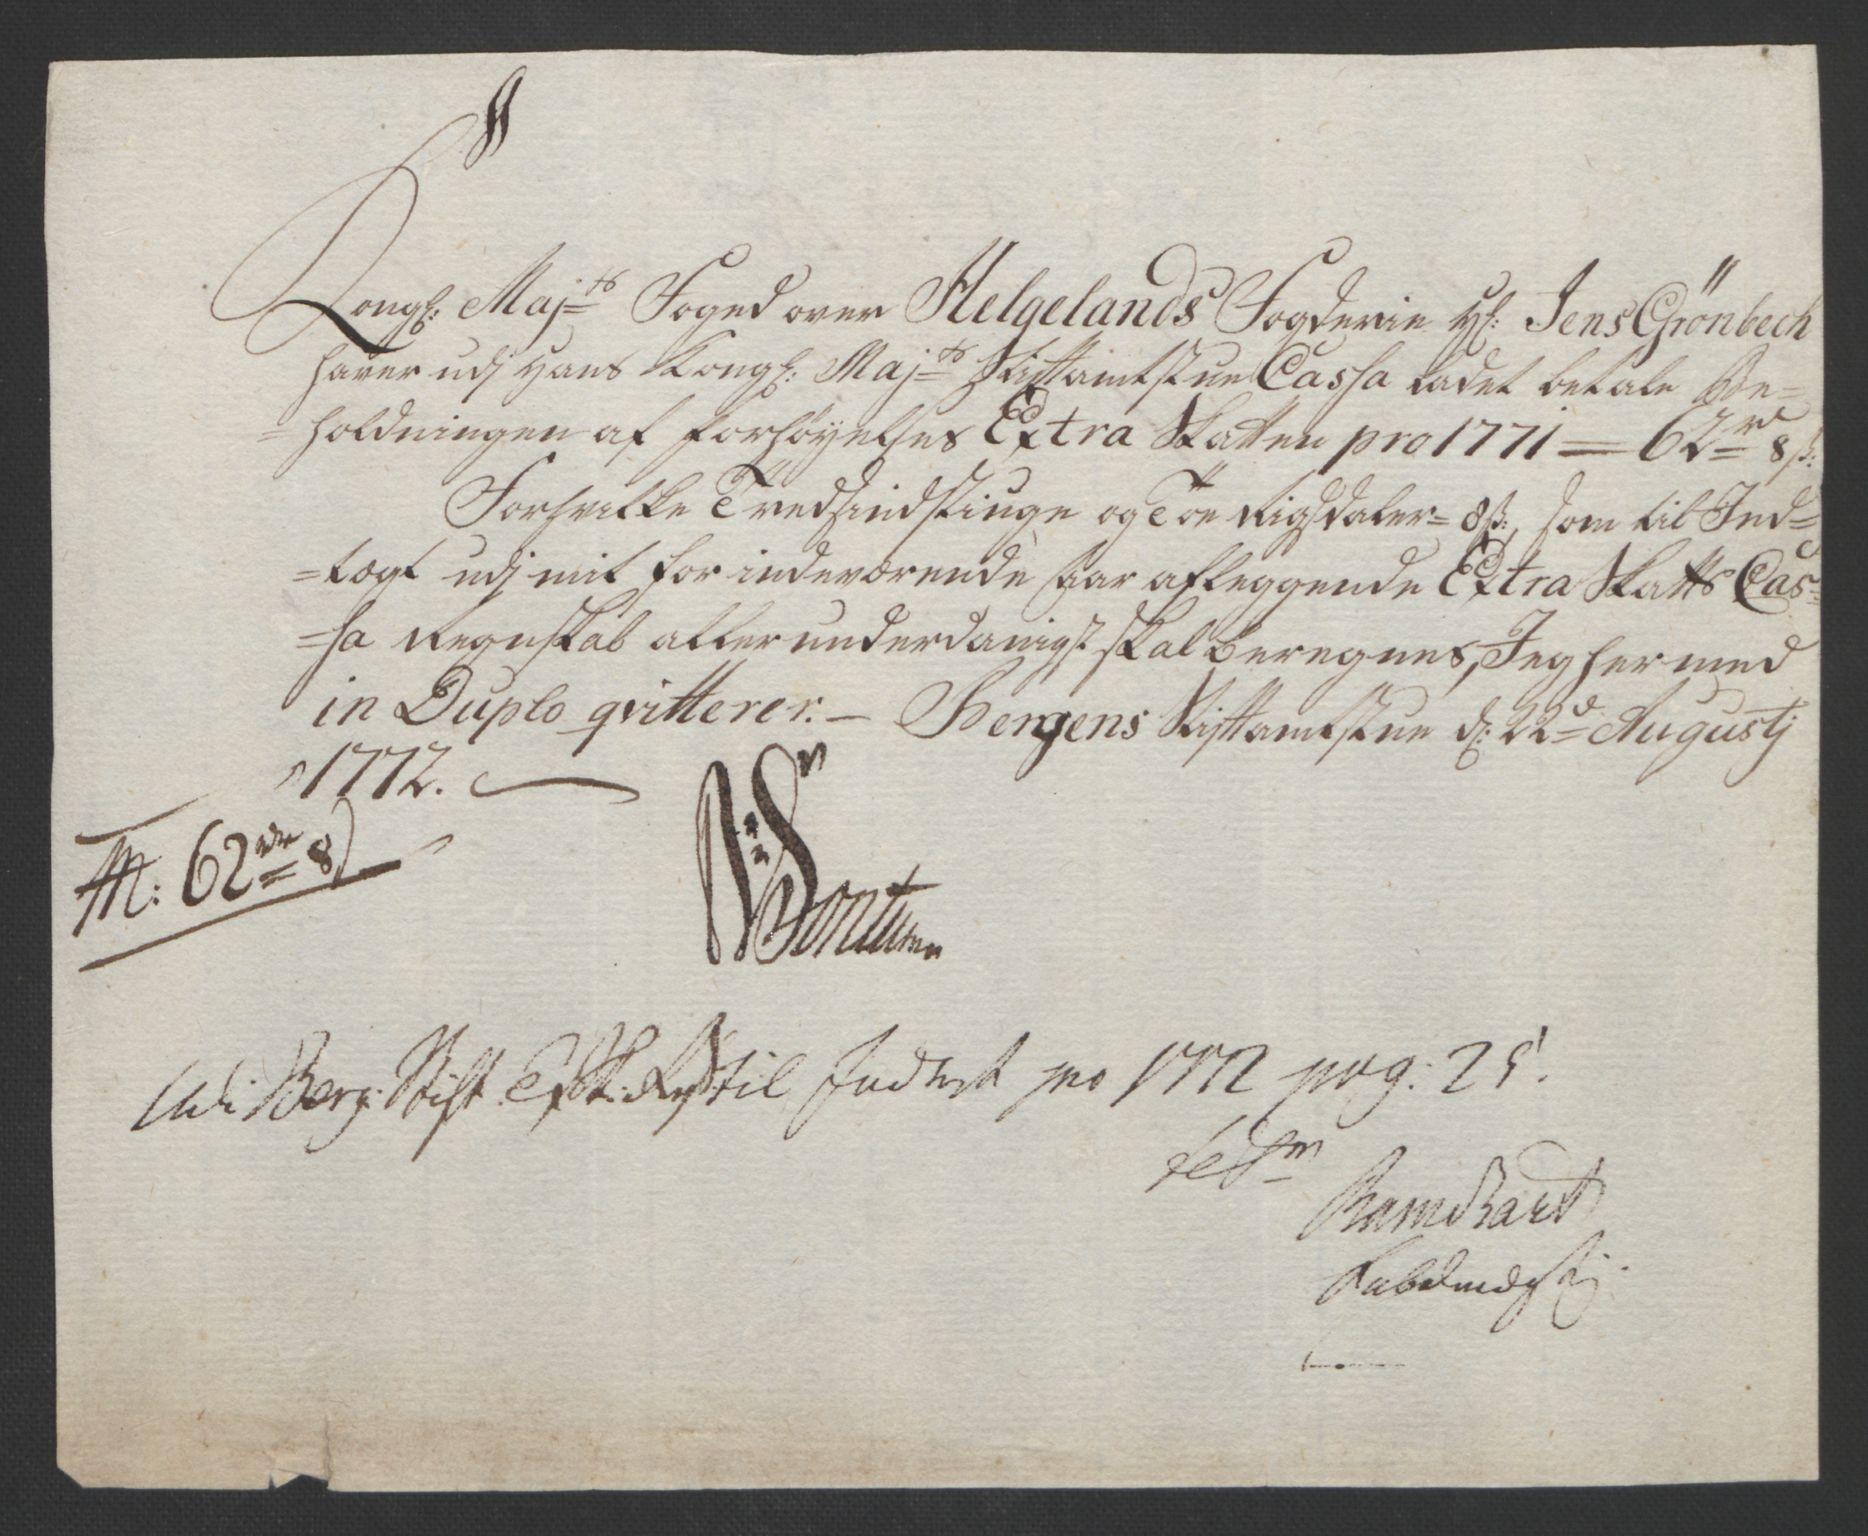 RA, Rentekammeret inntil 1814, Reviderte regnskaper, Fogderegnskap, R65/L4573: Ekstraskatten Helgeland, 1762-1772, s. 645